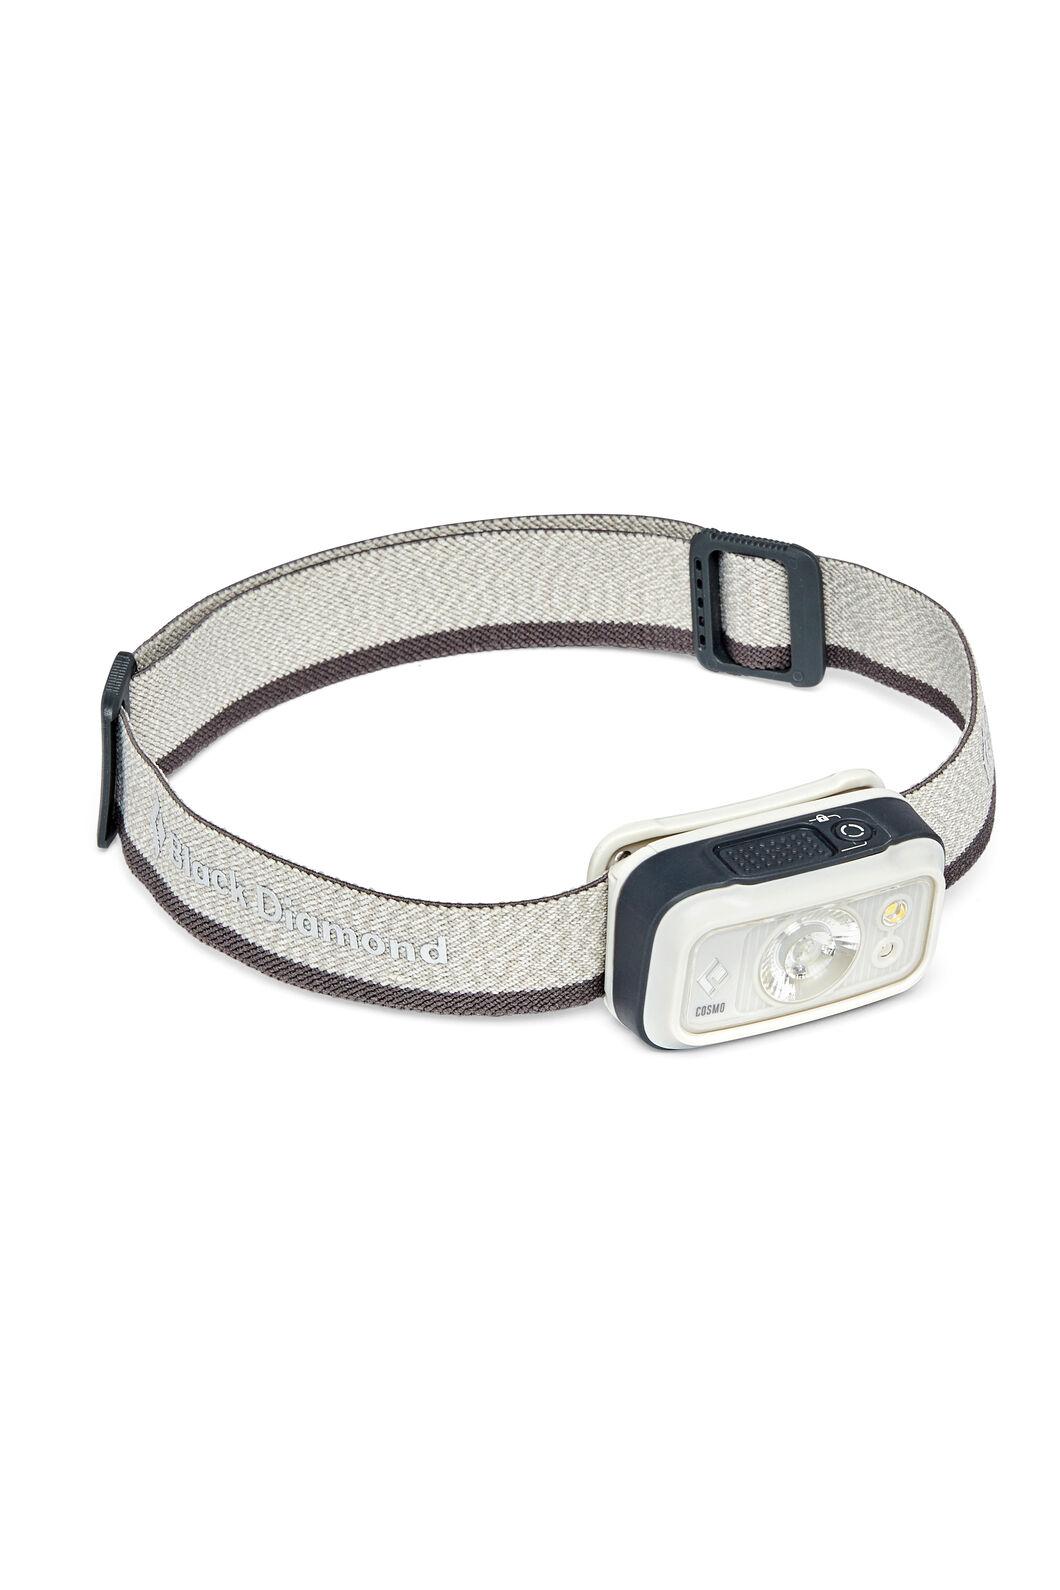 Black Diamond Cosmo 300 Headlamp, ALUMINIUM, hi-res